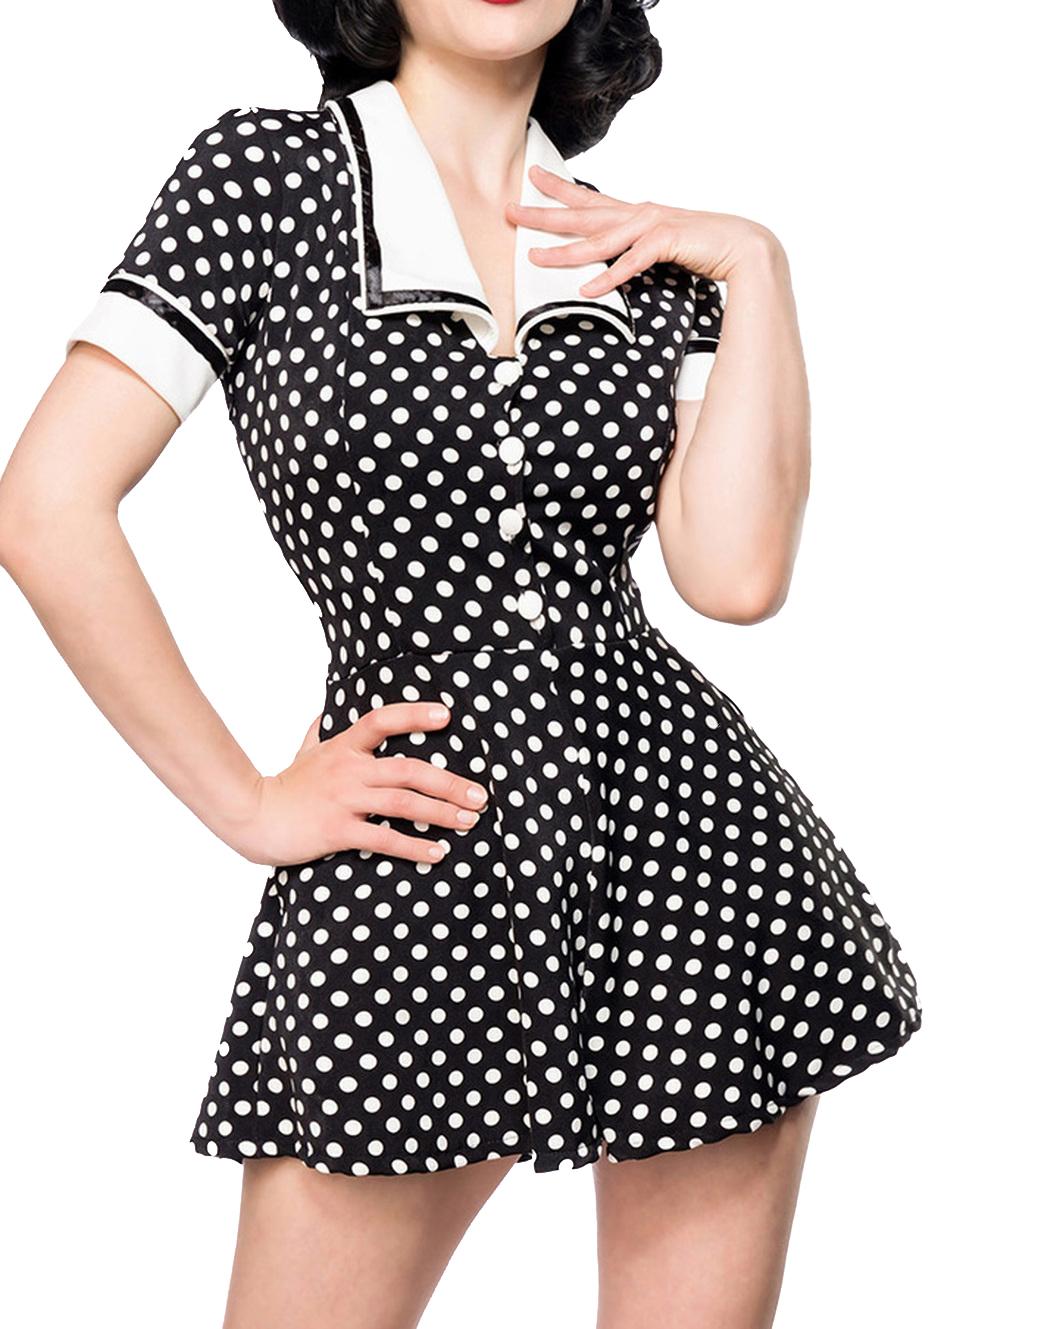 Damen Retro Hosenrock in schwarz weiß gepunktet Shorts Top ...